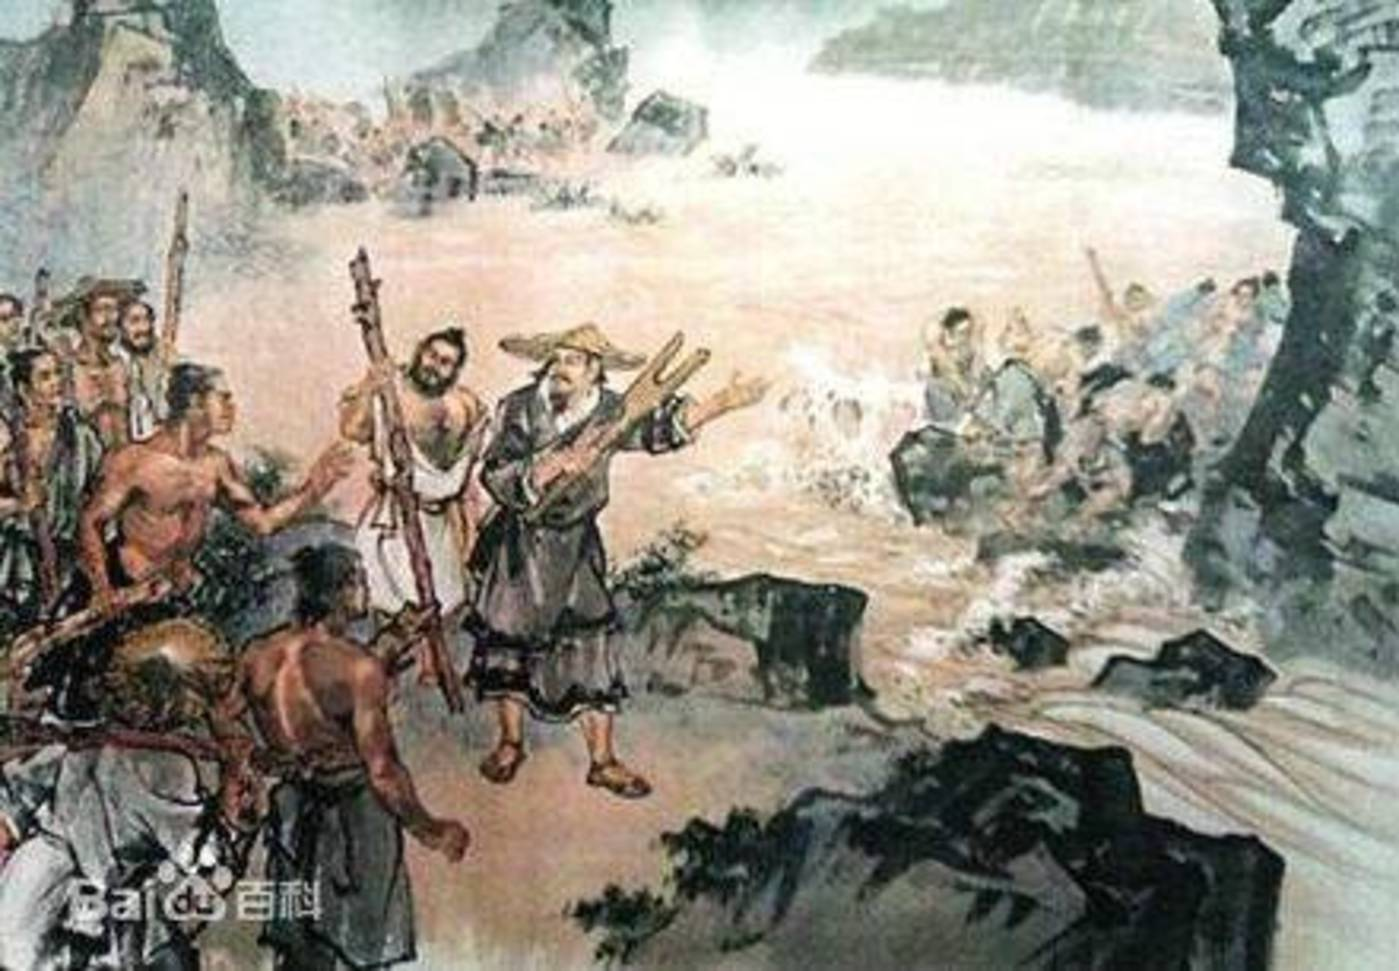 (东西方的历史上都记载了大洪水,但在传说中被看做是神仙在背后搞鬼,西方的幕后boss是耶和华,东方是共工)